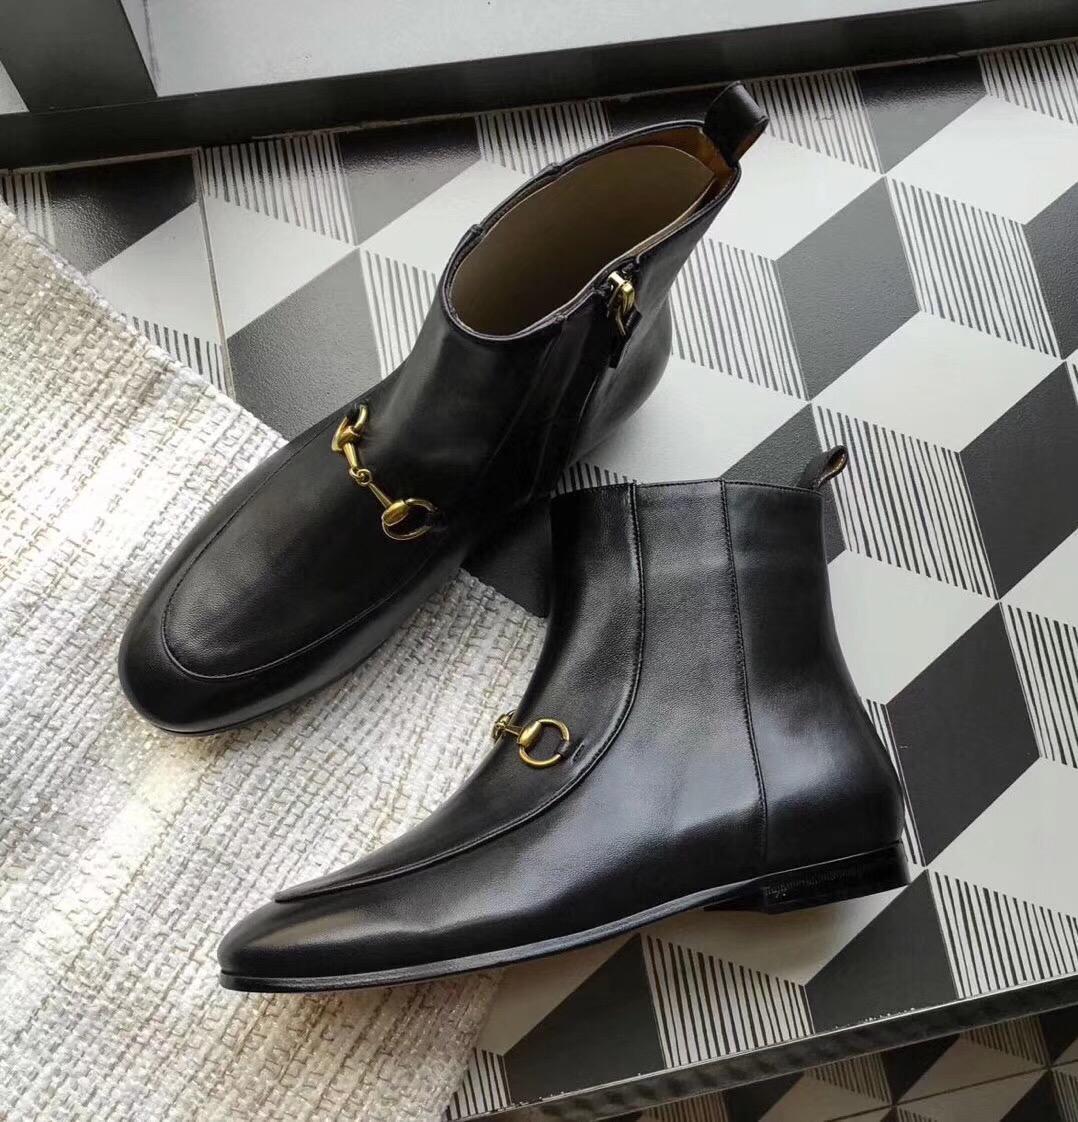 古驰短靴 2018秋冬GUCCI时尚休闲小短靴